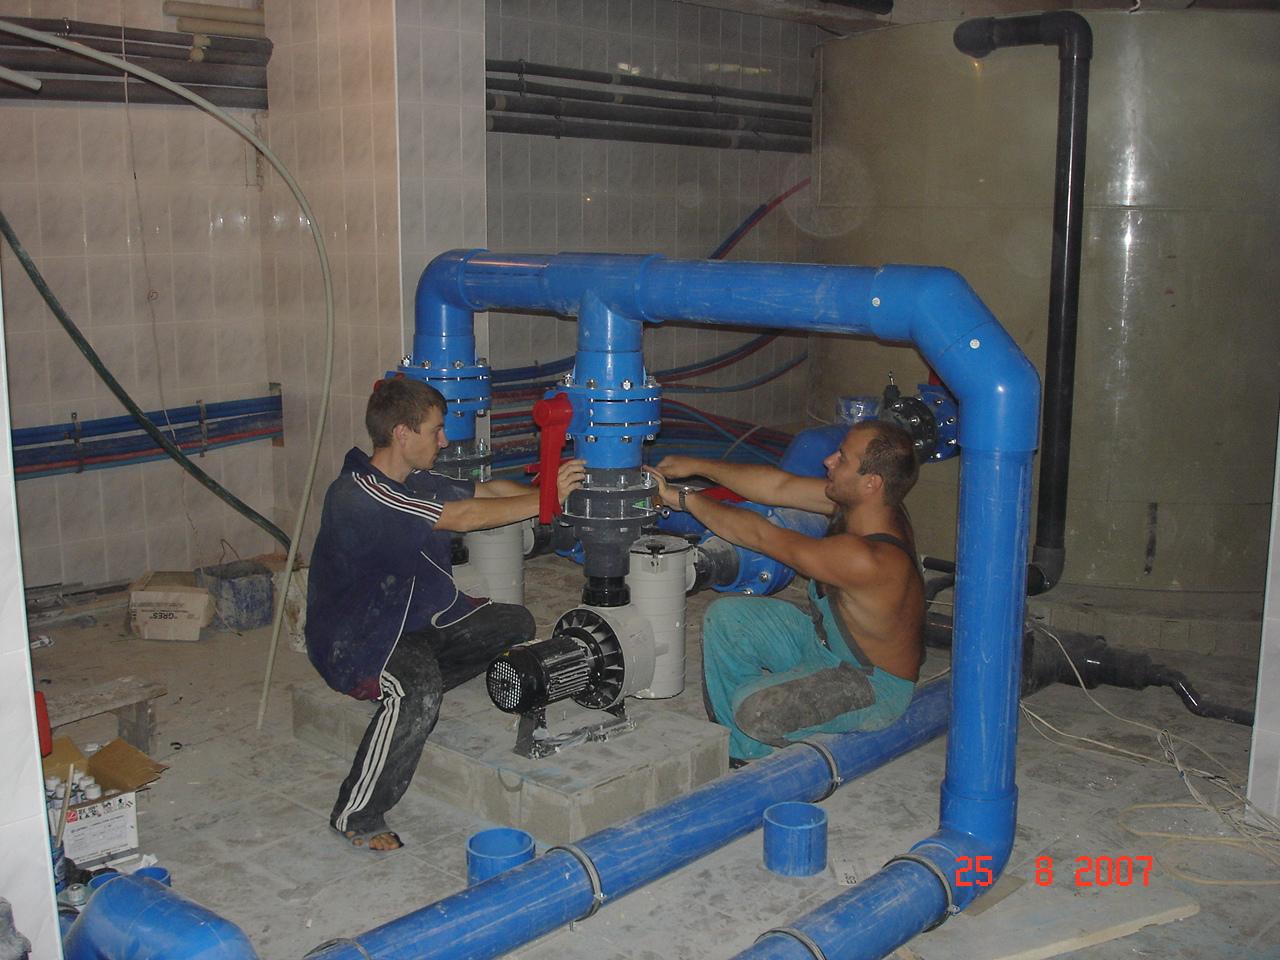 Монтаж оборудования – работа трудоемкая и аккуратная, требующая, как точности, так и физической силы